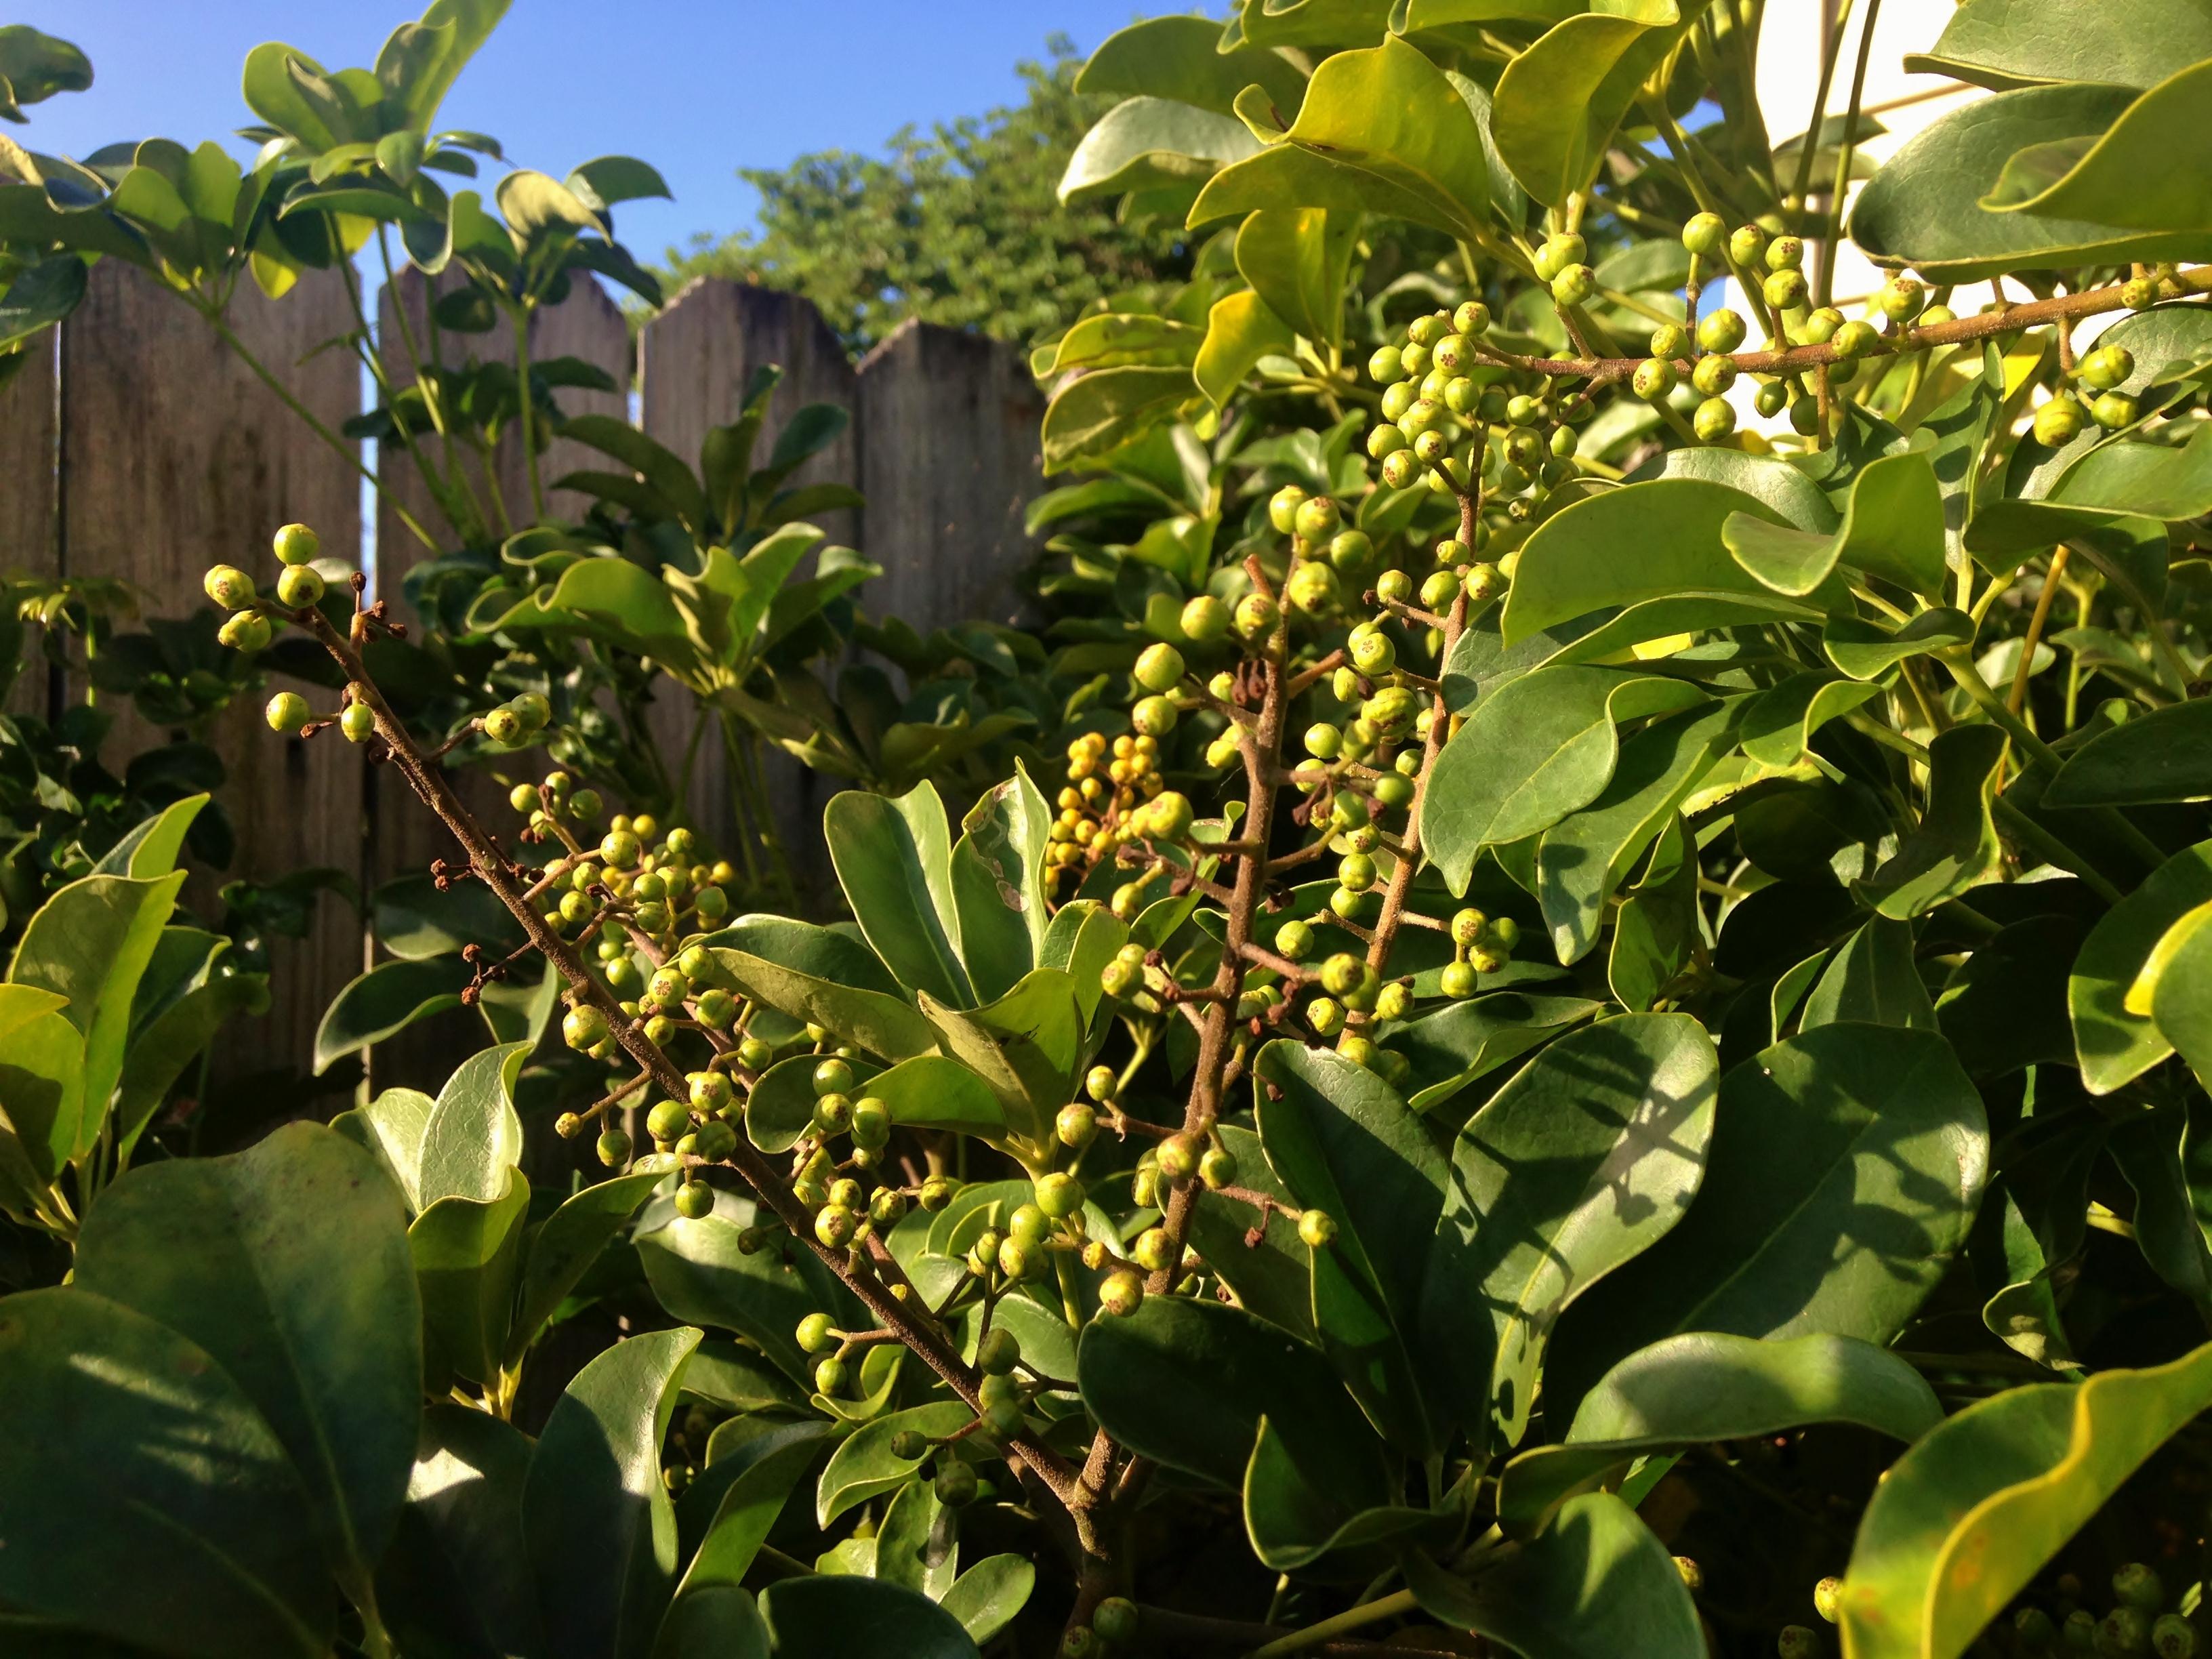 Schefflera arboricola Flowers/Berries